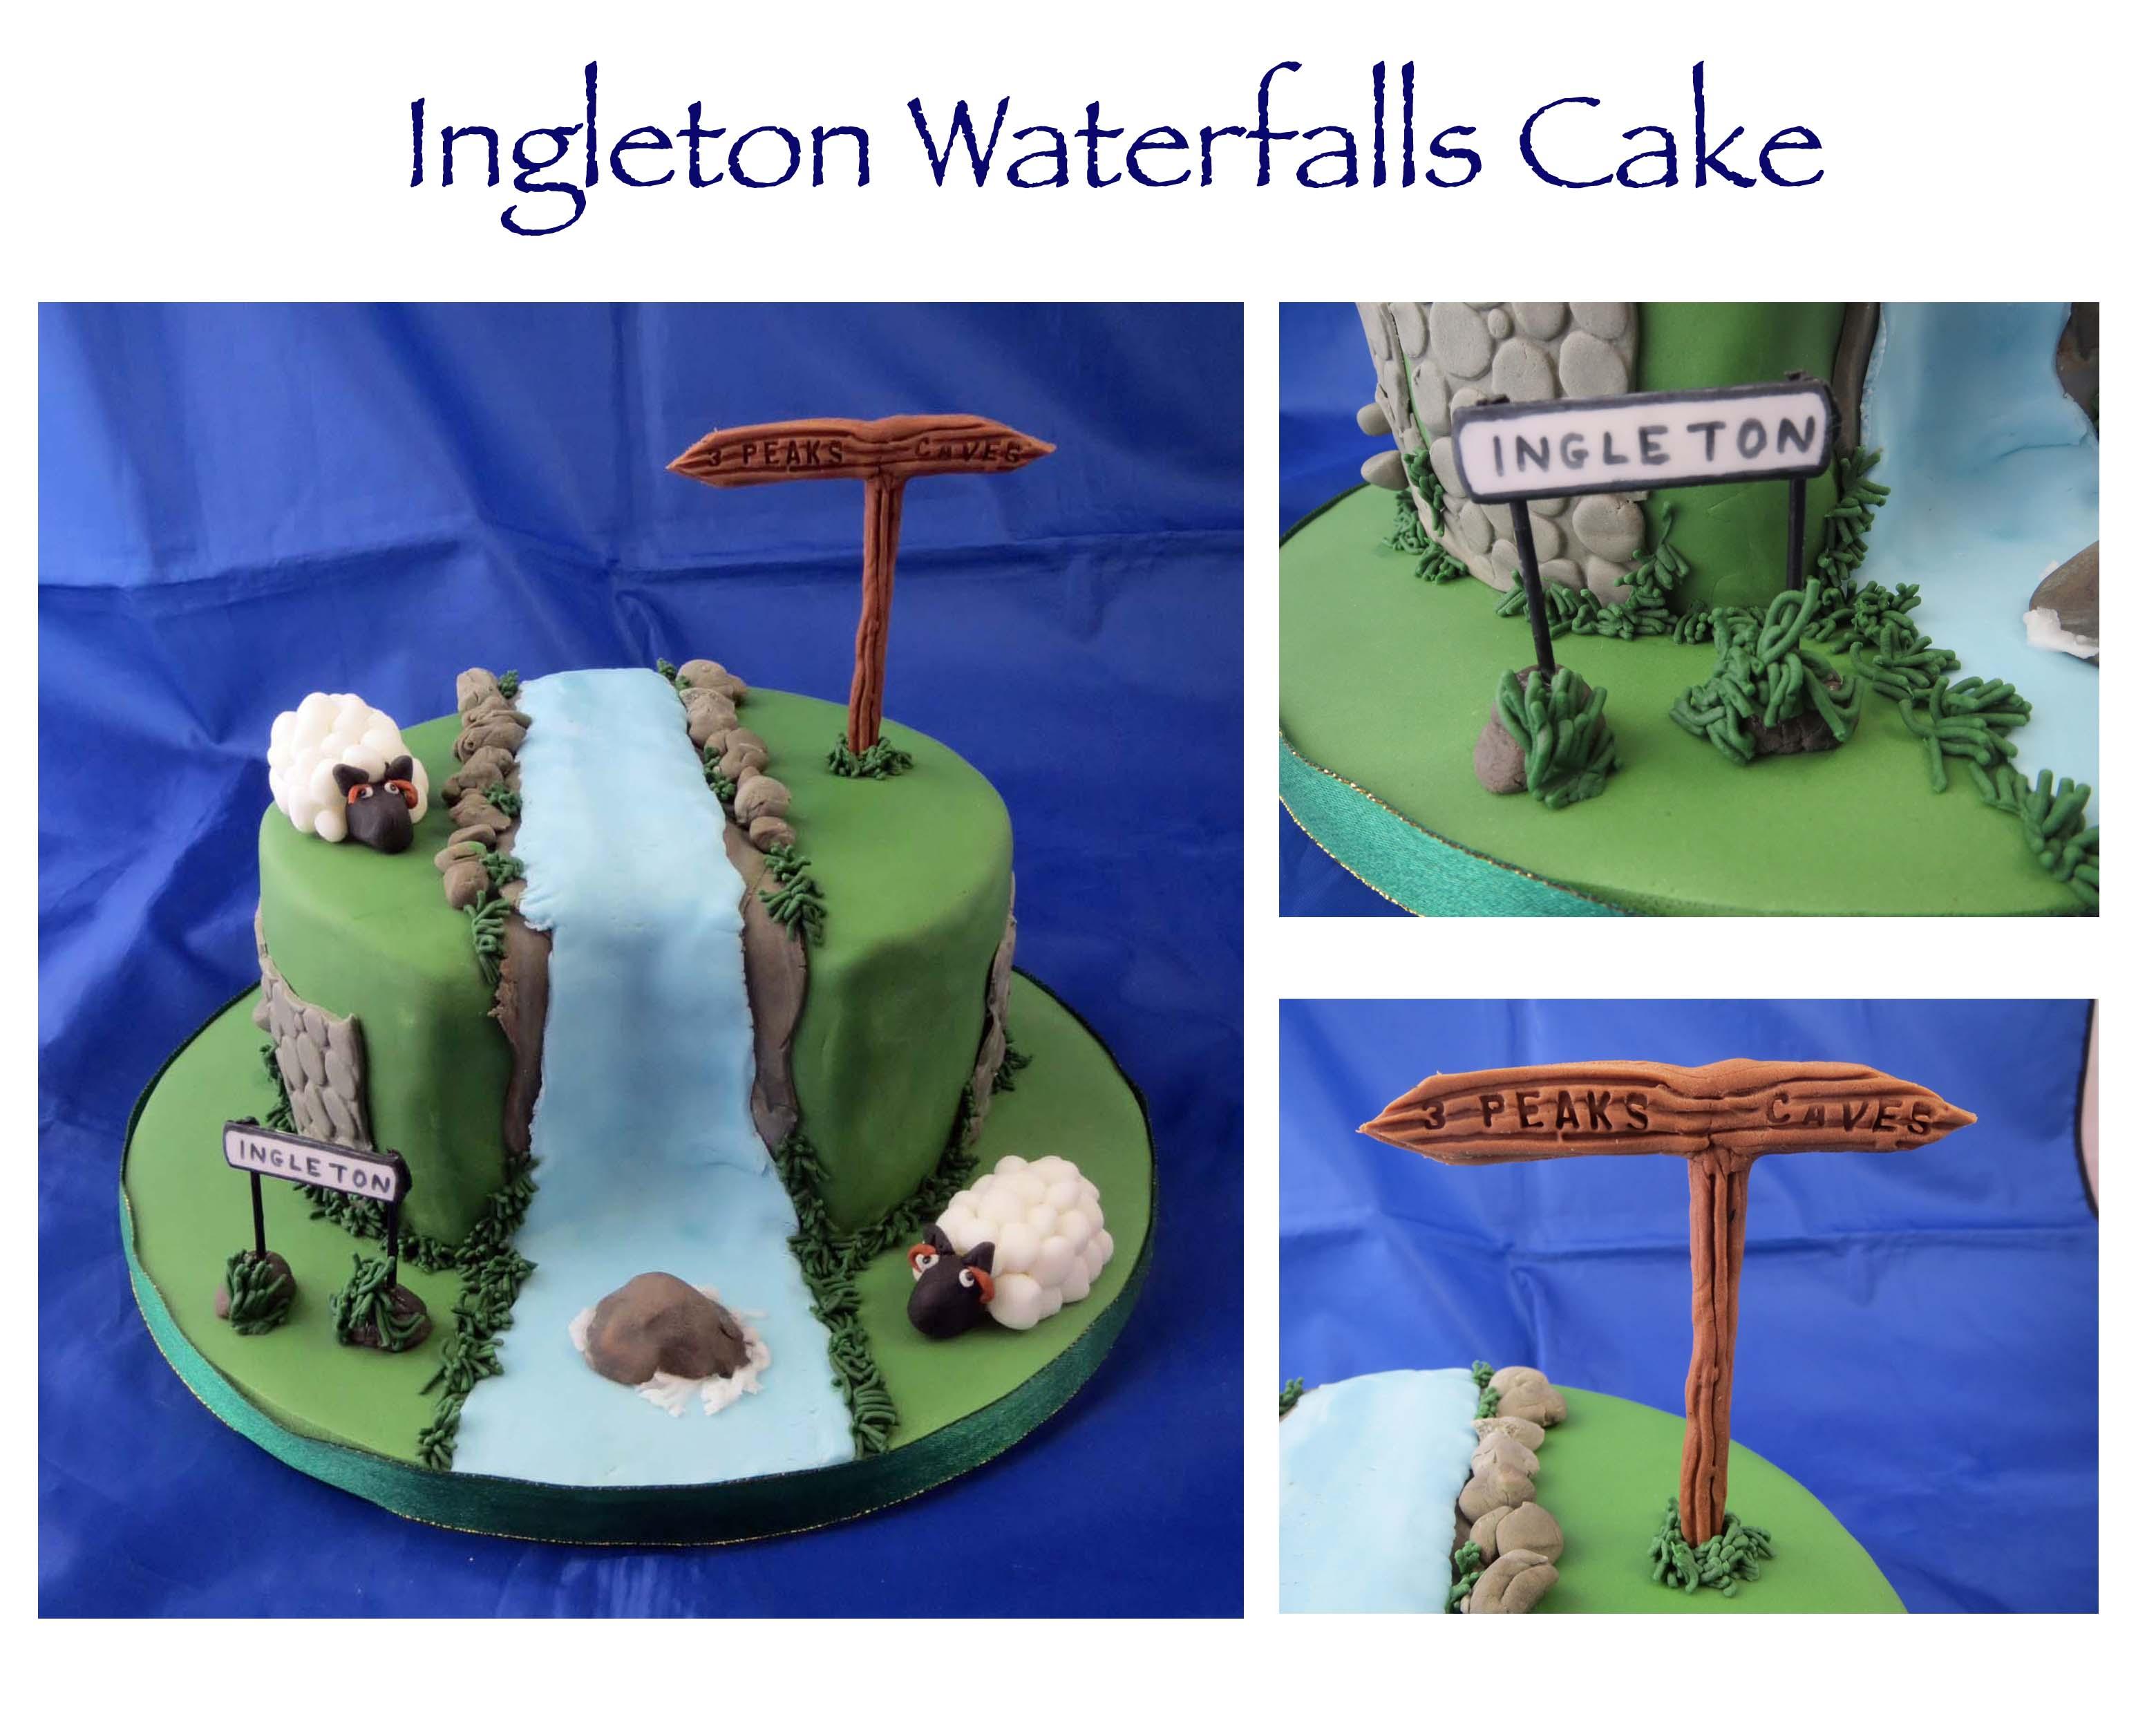 Ingleton Waterfalls Cake